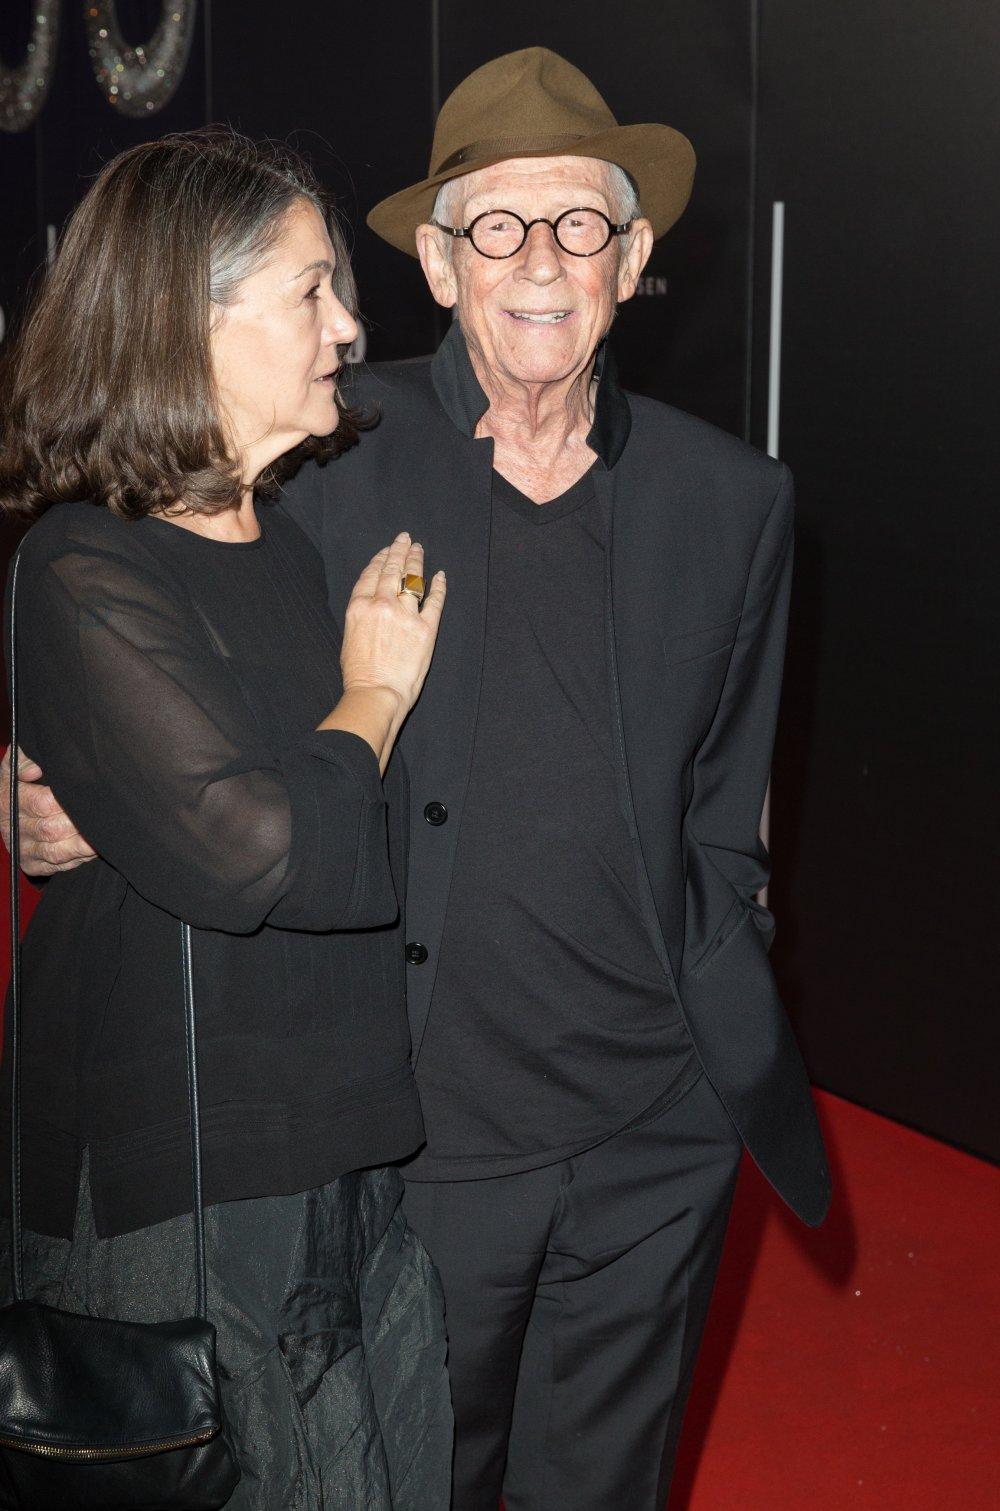 Sir John Hurt attends the BFI LUMINOUS gala 2015